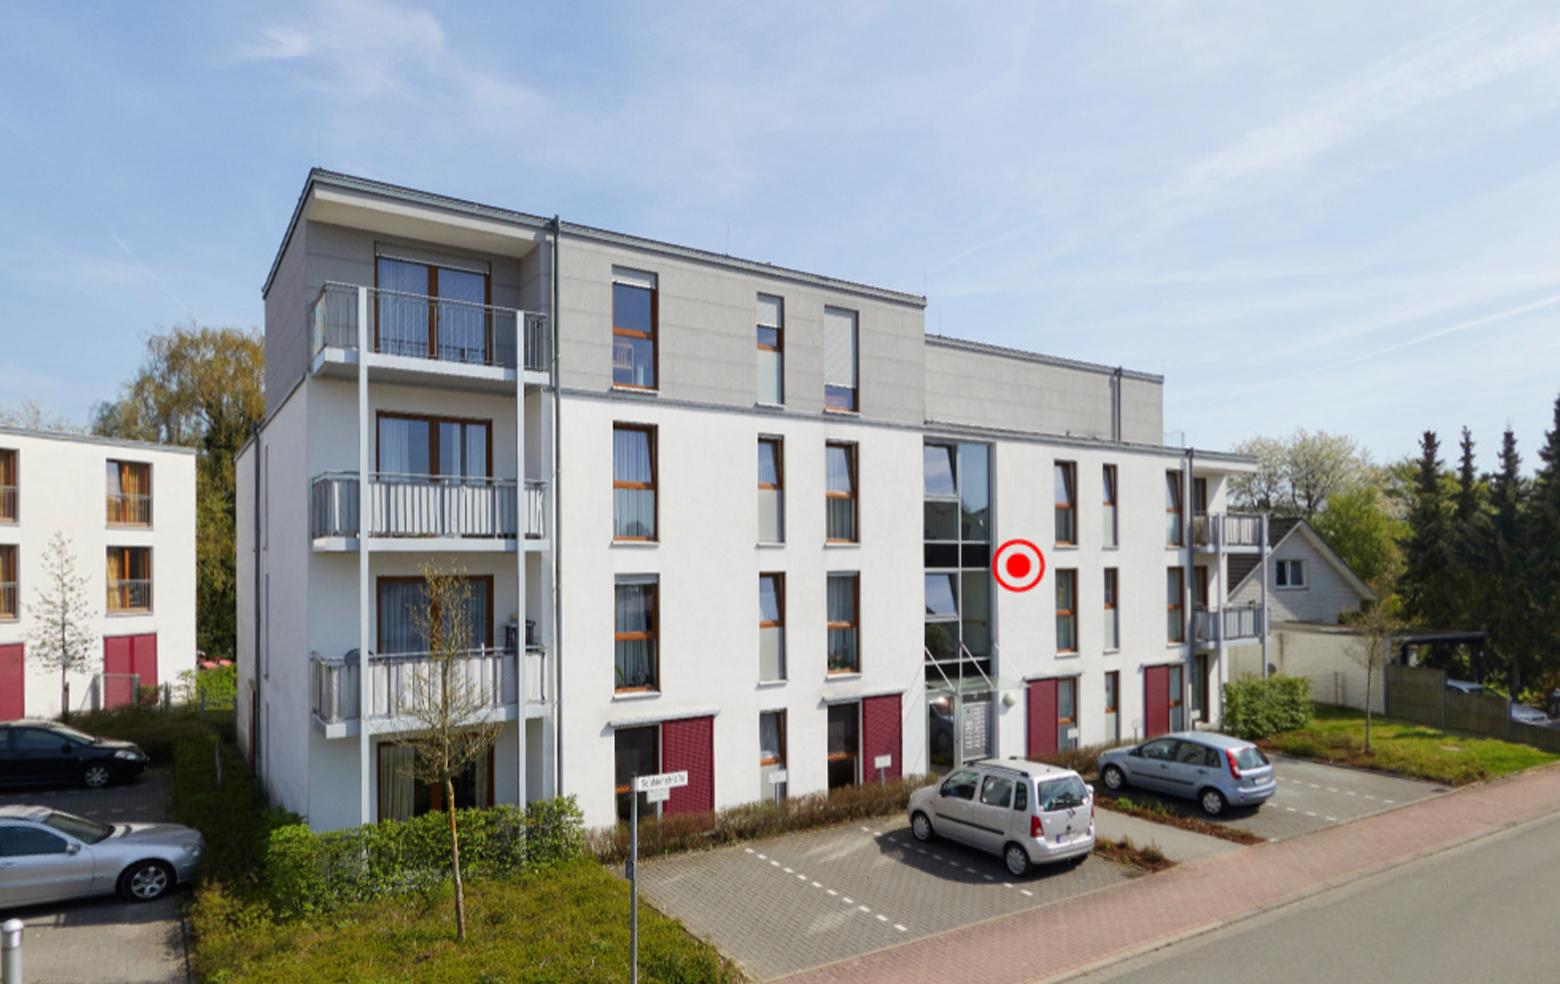 Lage / Außenansicht ✓ Dissen ✓ 54 qm seniorengerechtes Appartement zu vermieten ✓